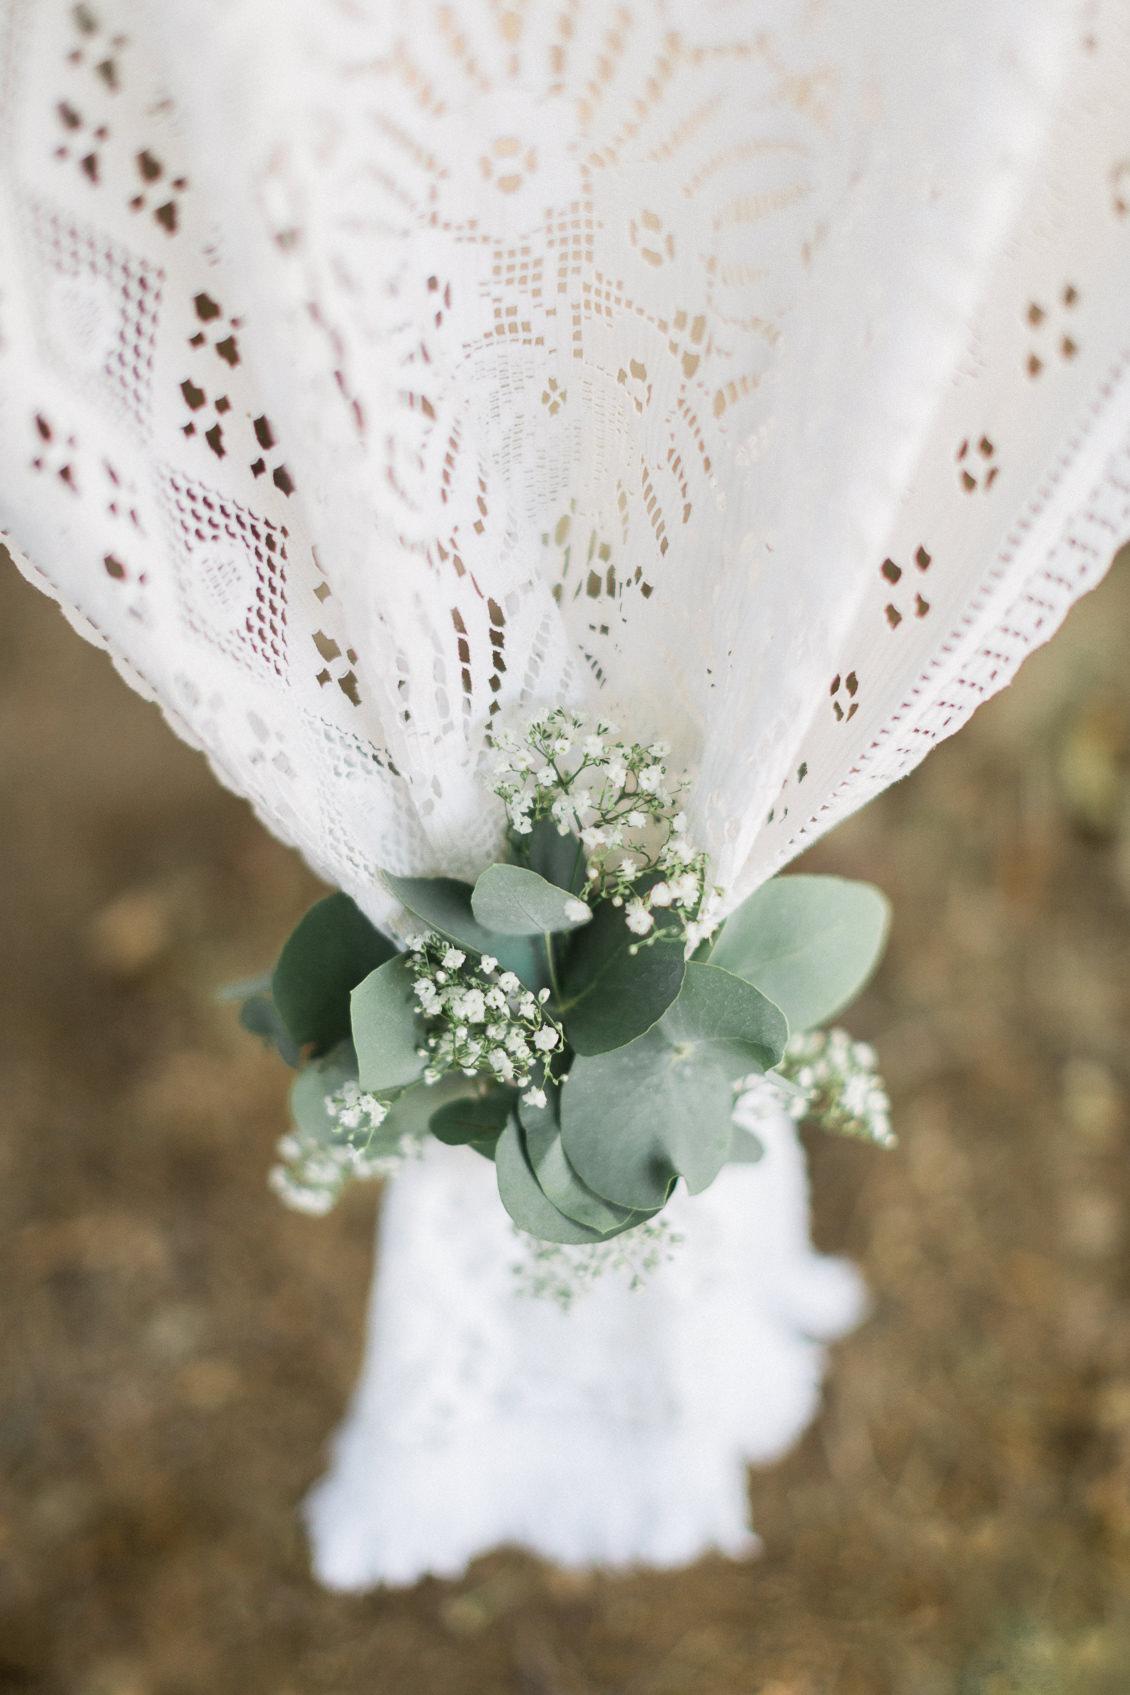 elopement-mariage-intime-lavande-provence-mont-ventoux-jonathan-prefaut-171